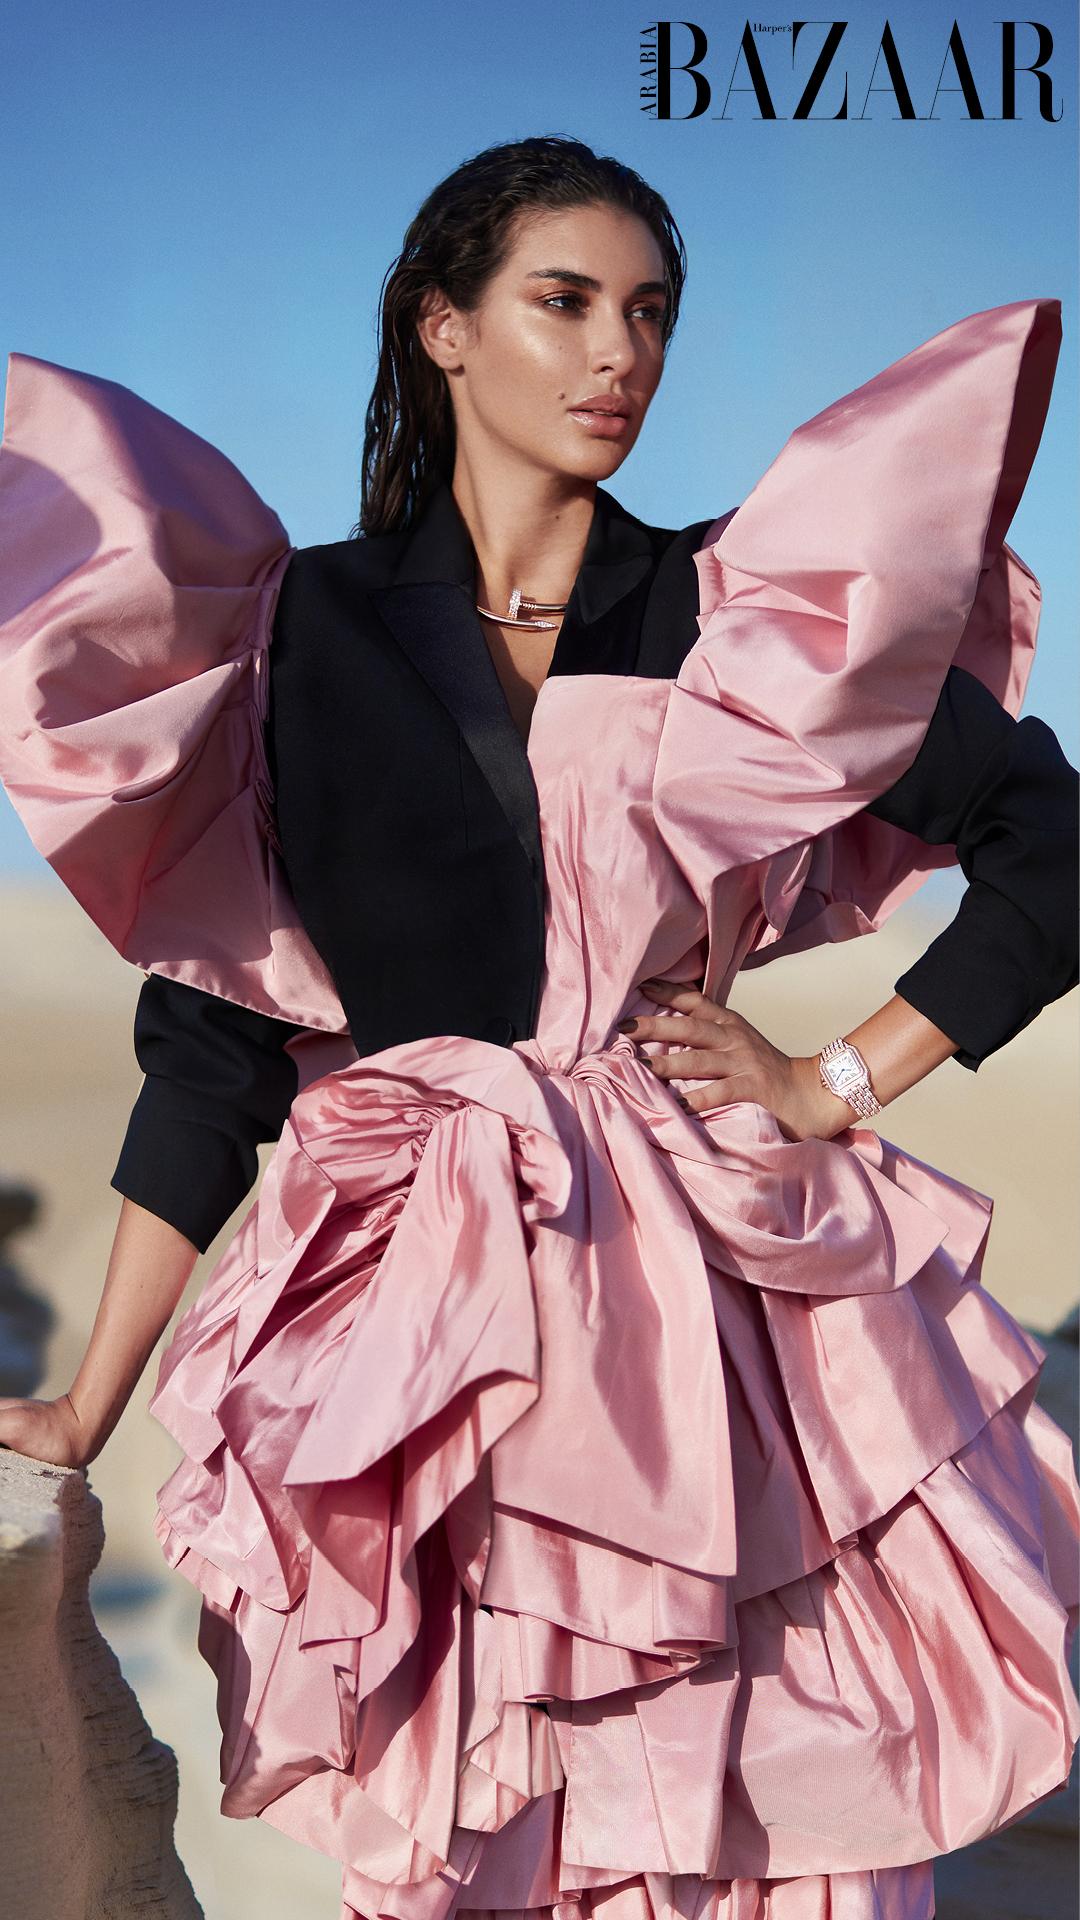 Yasmine---Bazaar-7.jpg